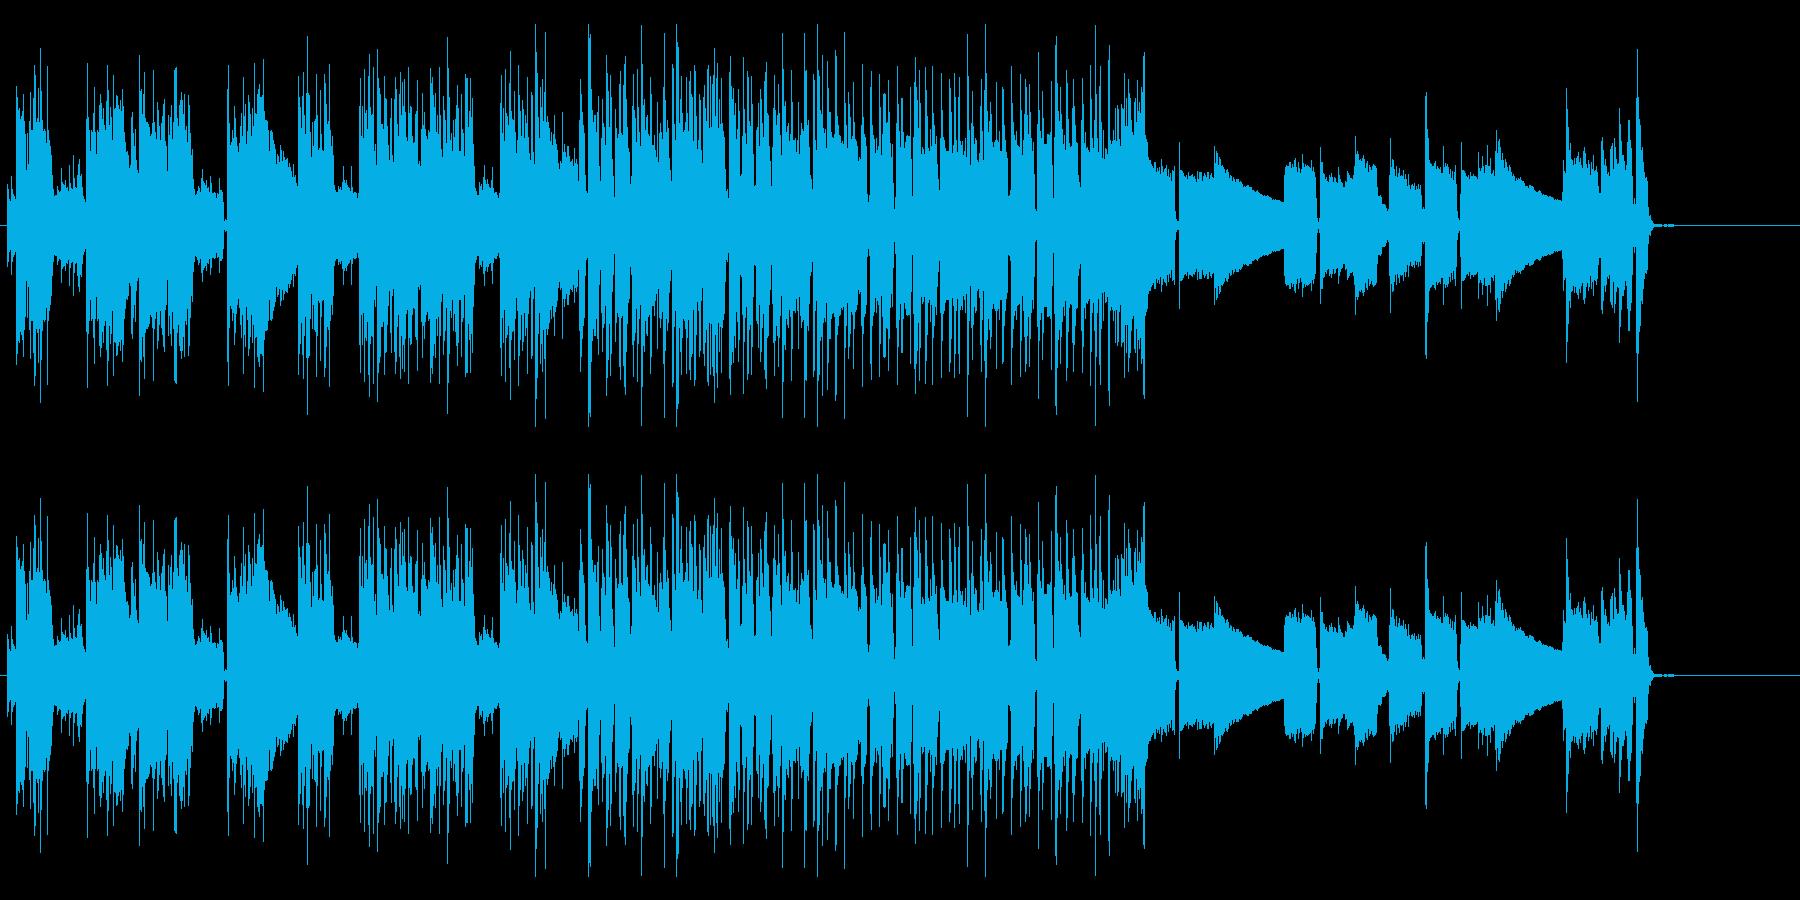 不思議な雰囲気のポストロックの再生済みの波形